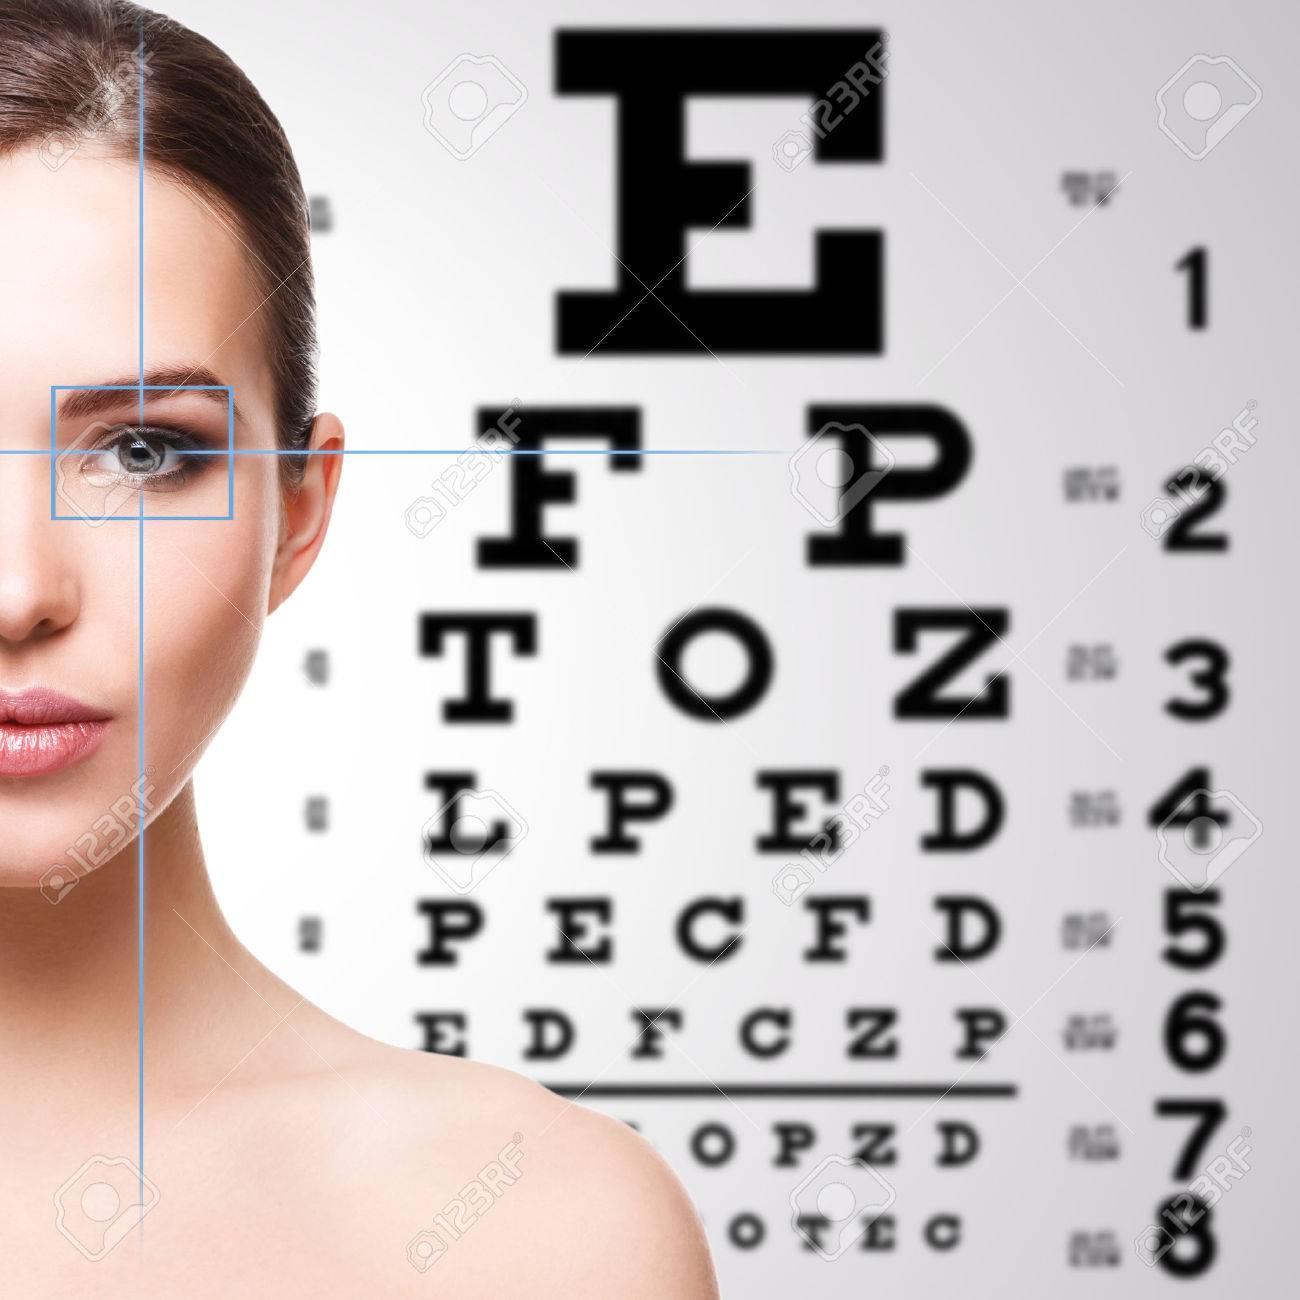 Beautiful woman and eye chart on background - 40463577